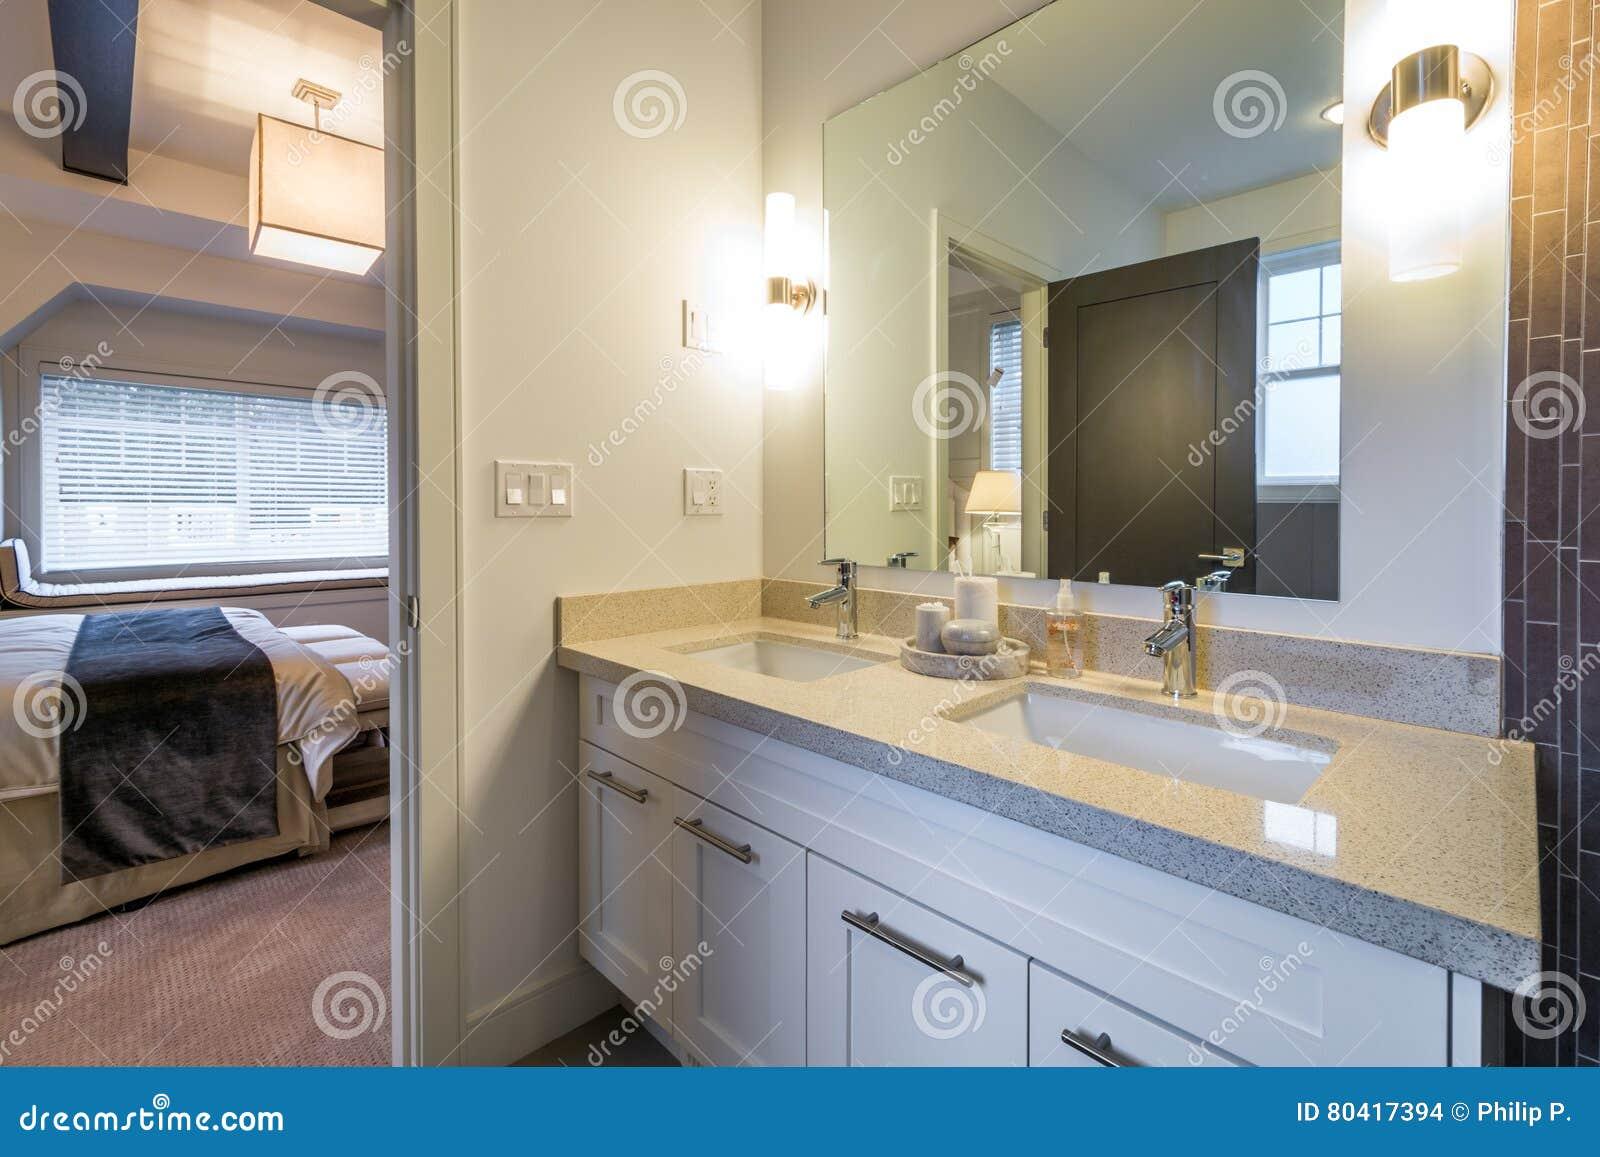 Schönes Badezimmer In Einem Luxushaus Stockfoto - Bild von ...